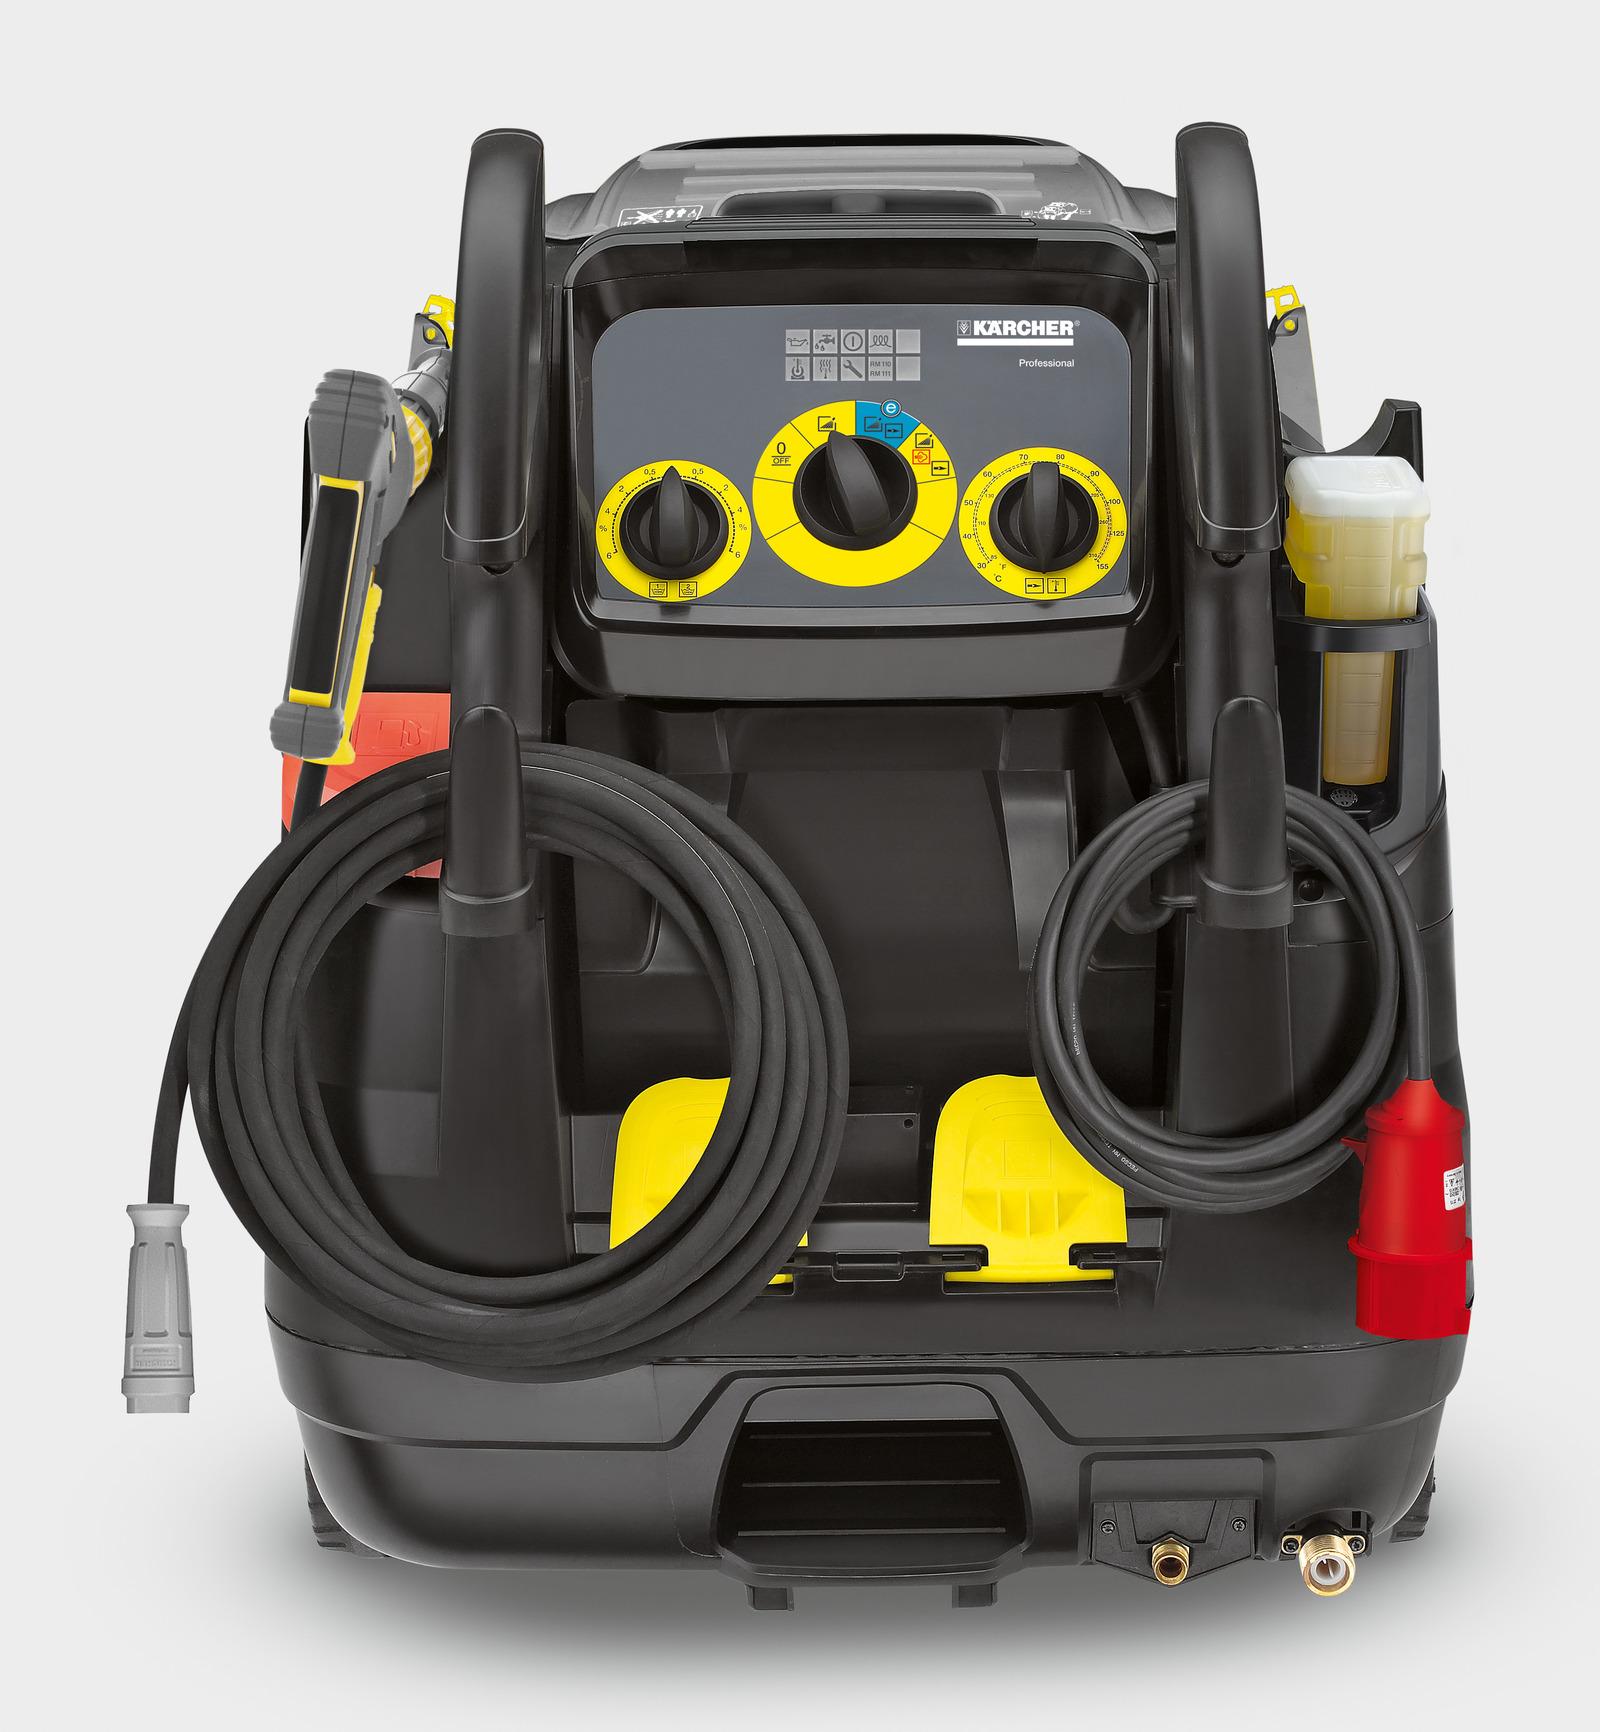 4020 Lp Wiring Diagram free download wiring diagrams schematics – Jd 4020 Wiring Harness